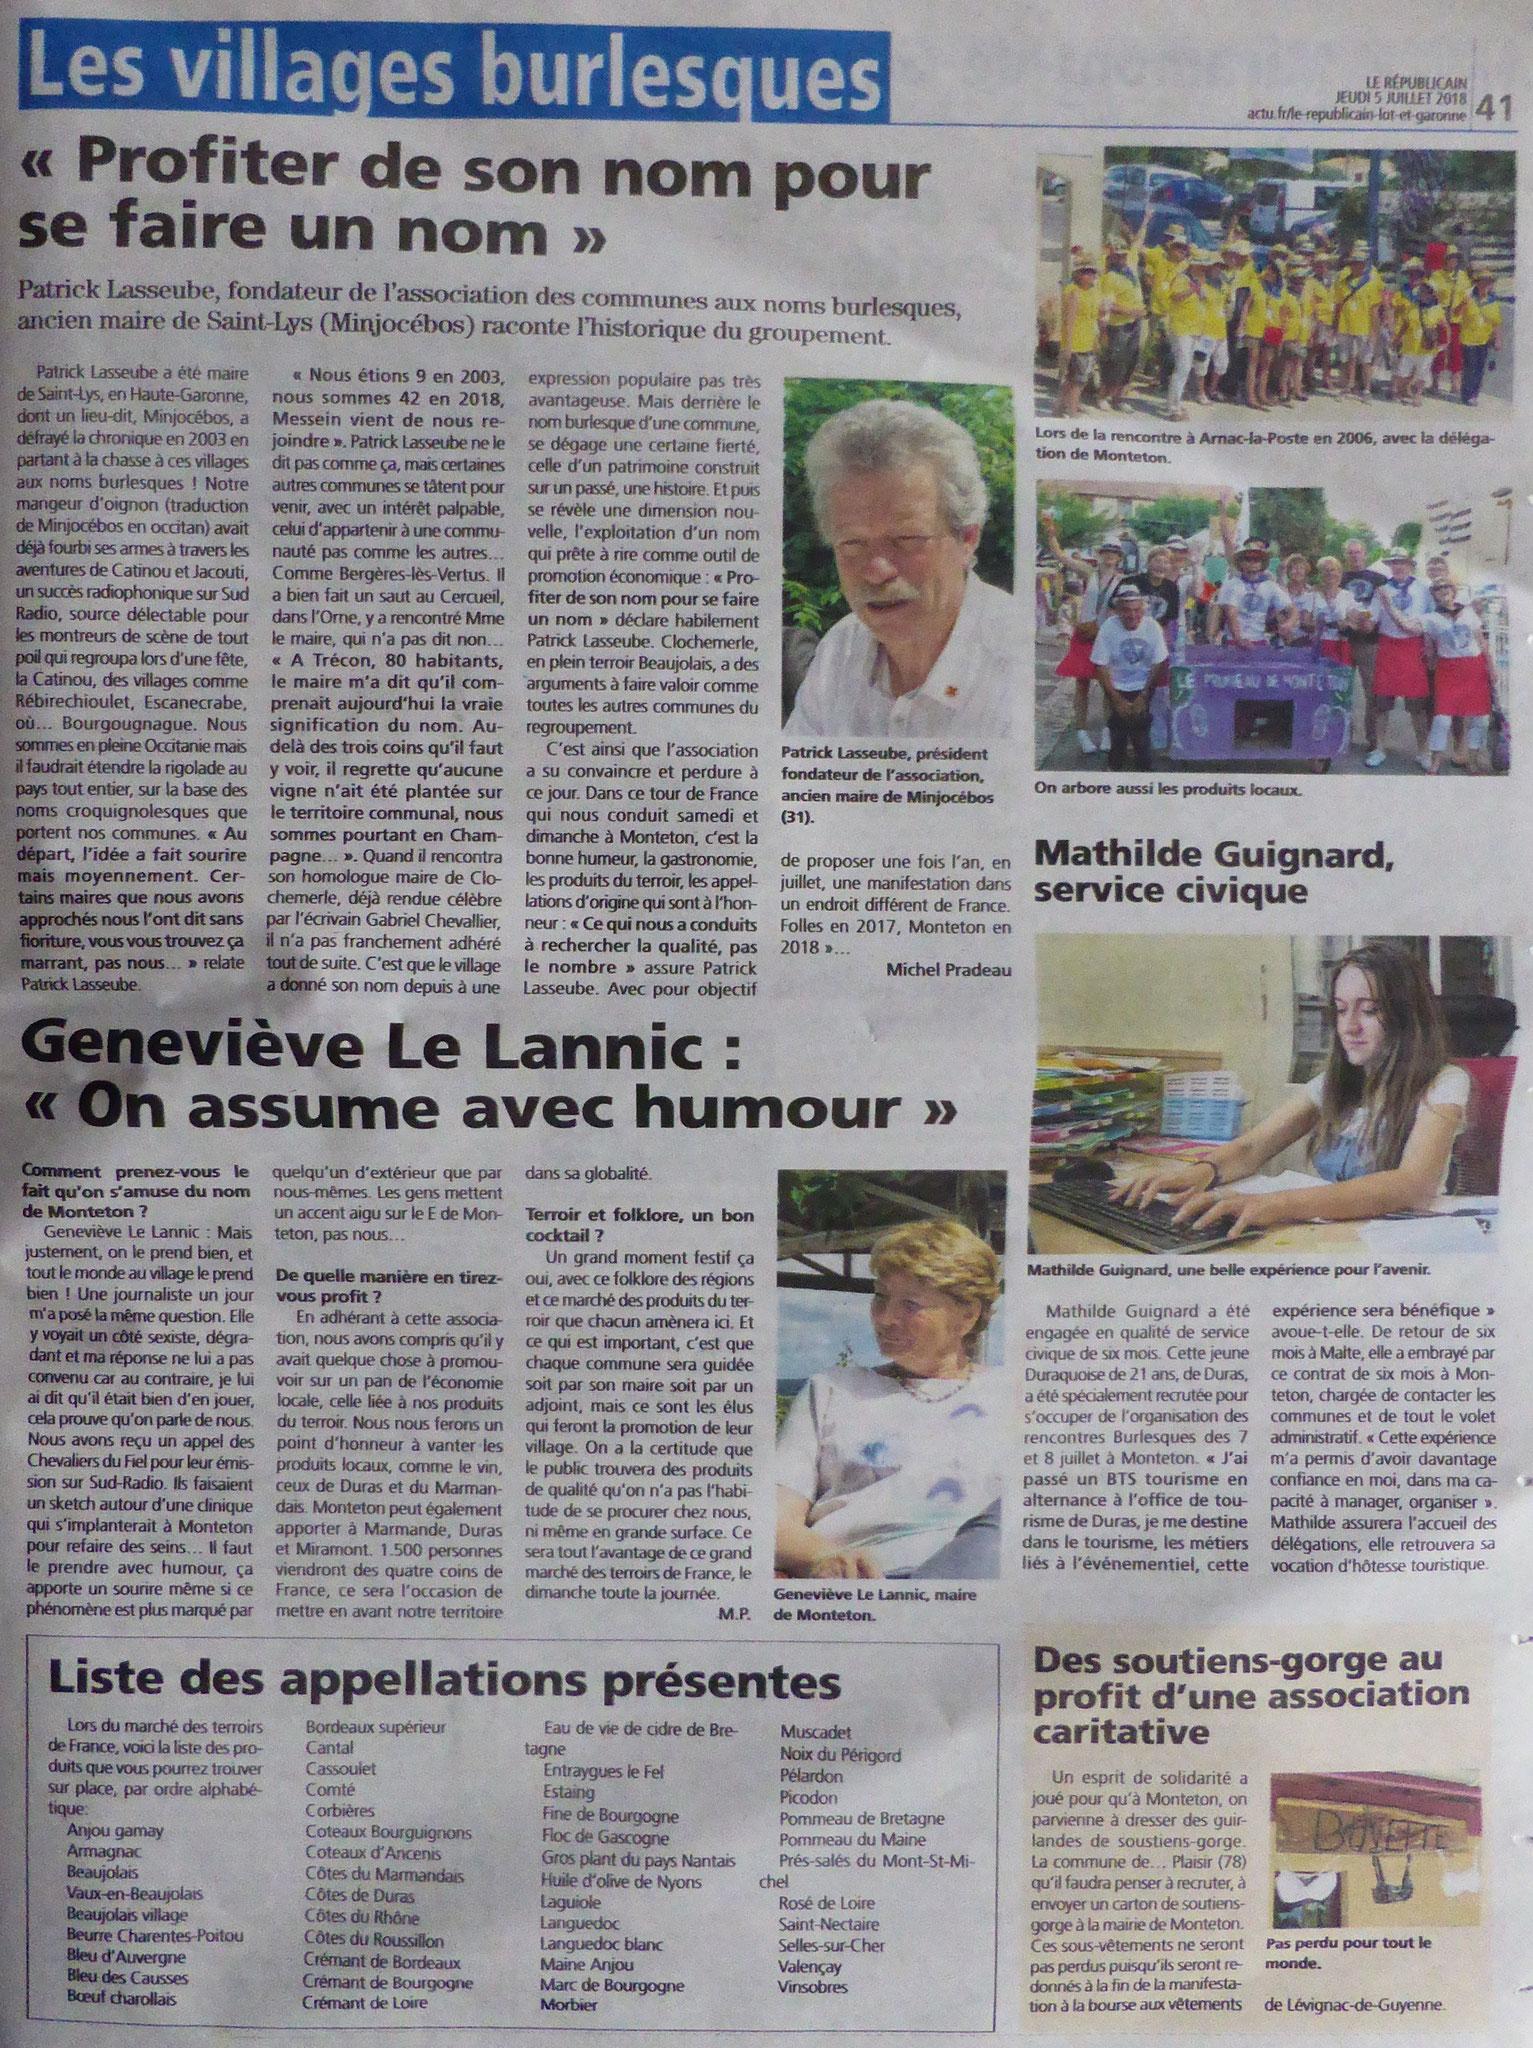 MONTETON - Le Républicain - Marmande - 5 juillet 2018 - 2/2